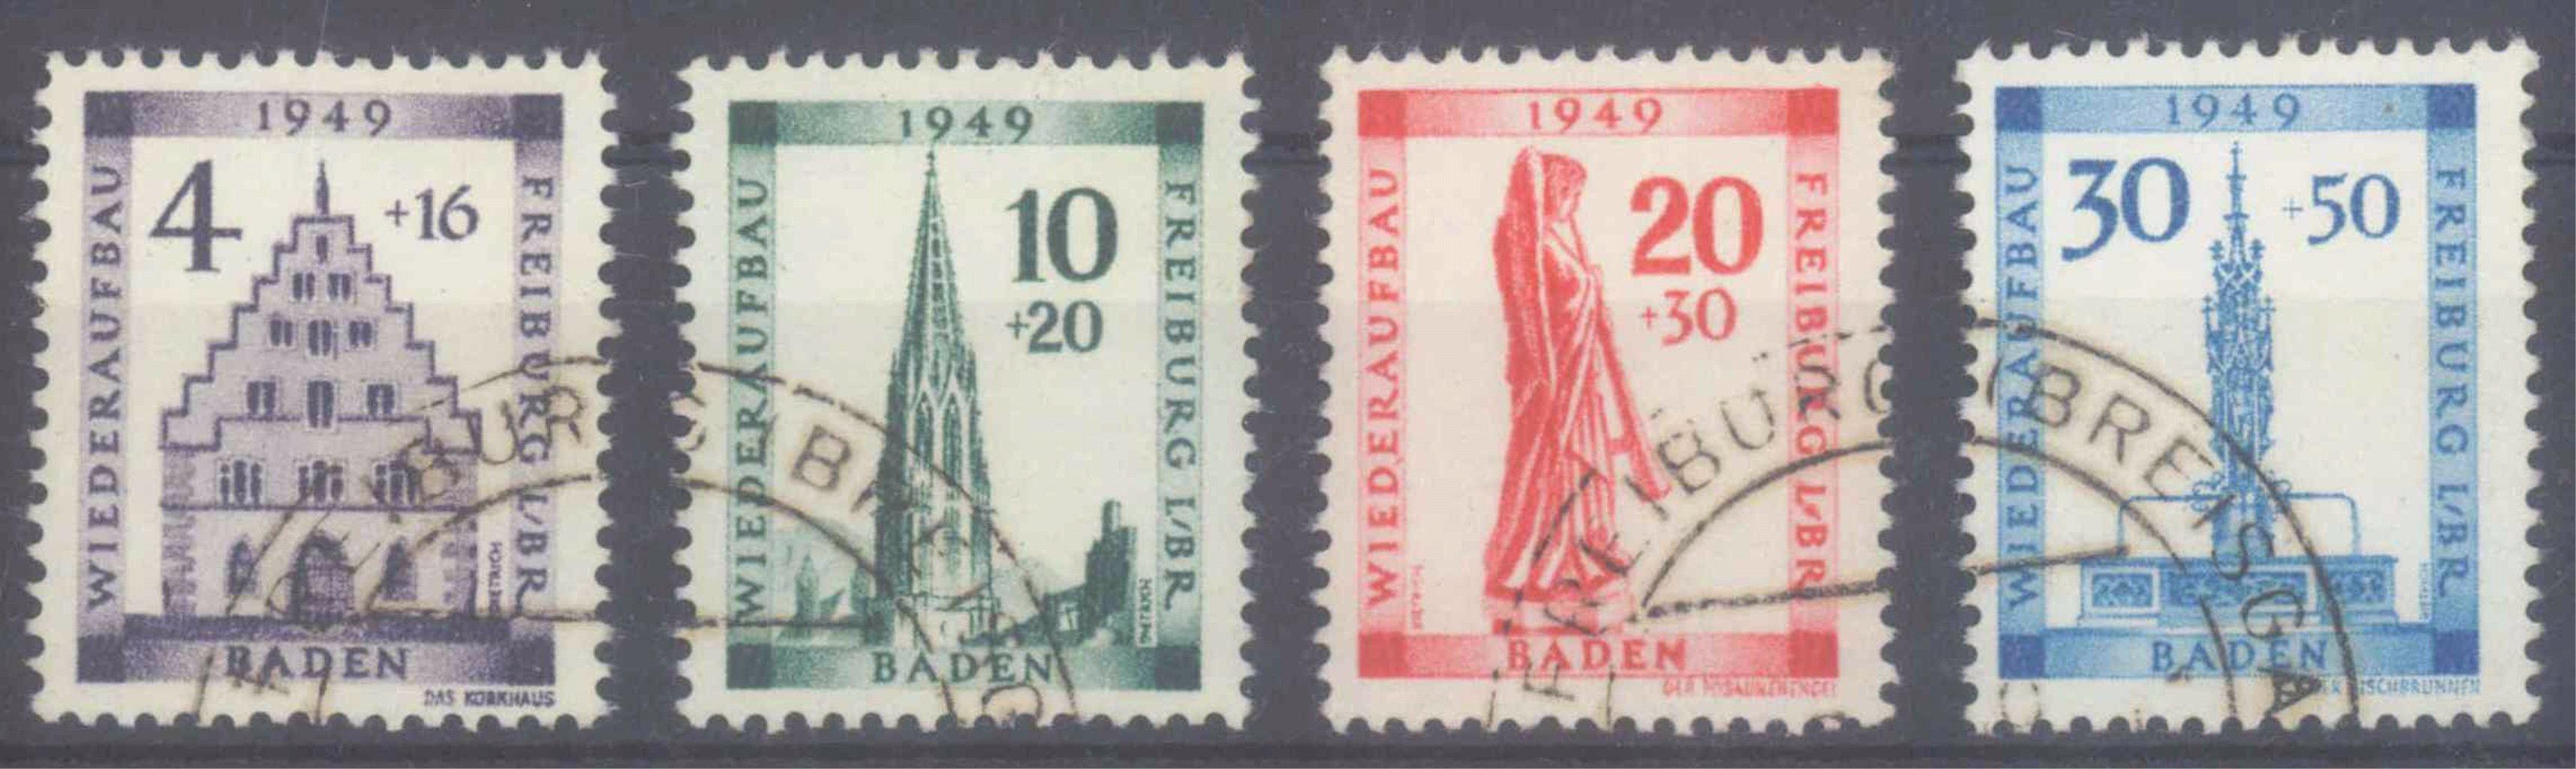 FRANZÖSISCHE ZONE BADEN 1949, Rotes Kreuz